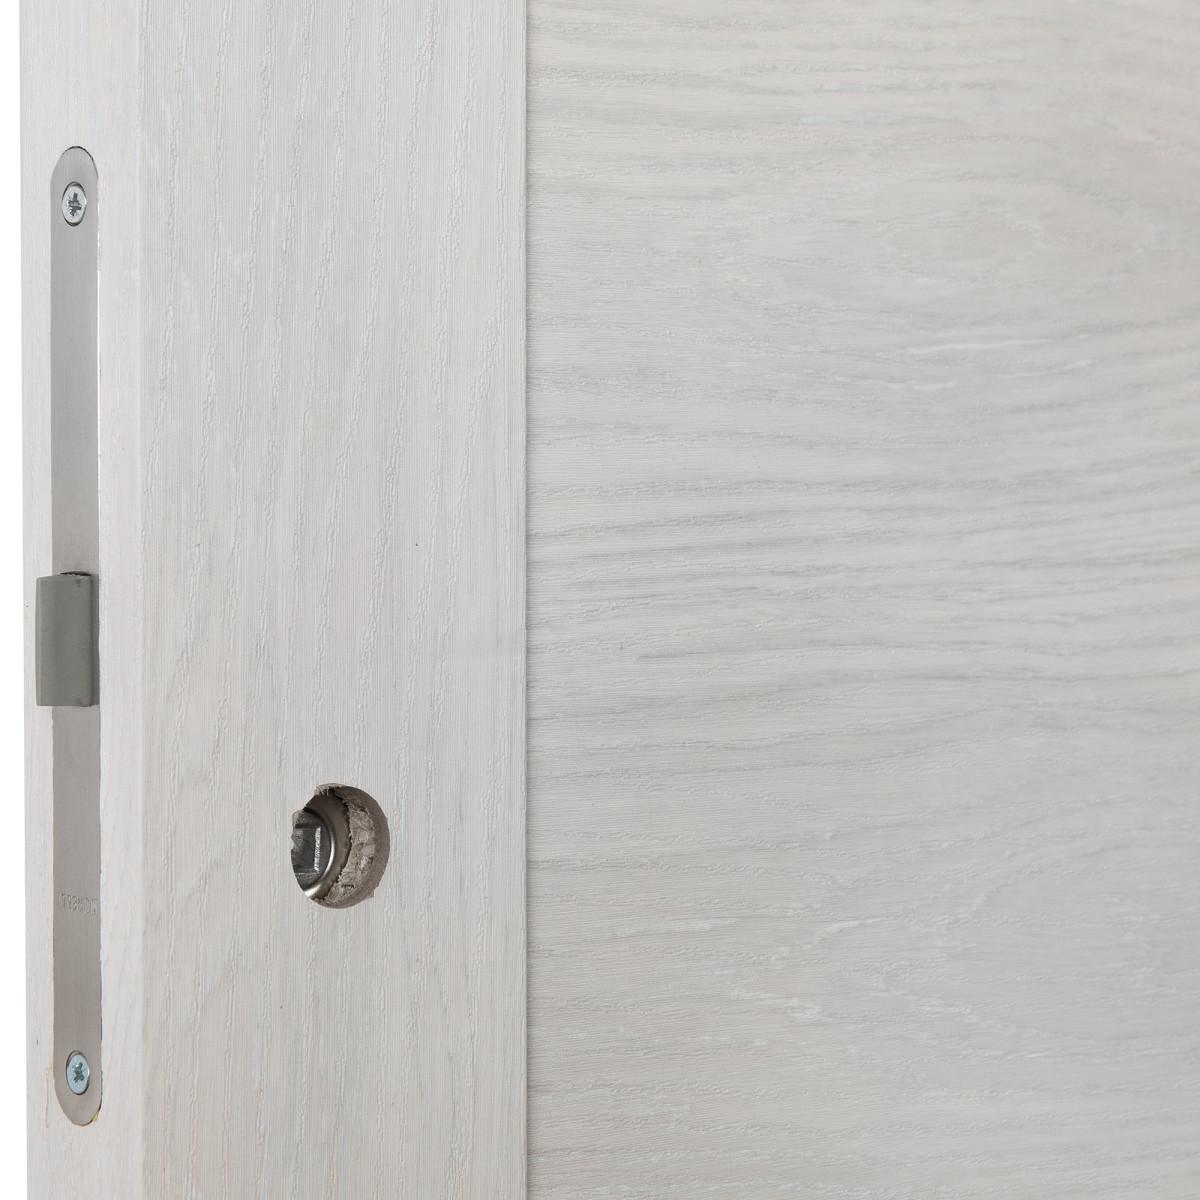 Дверь Межкомнатная Глухая С Замком В Комплекте Квадро 60x200 Пвх Цвет Шале Капучино